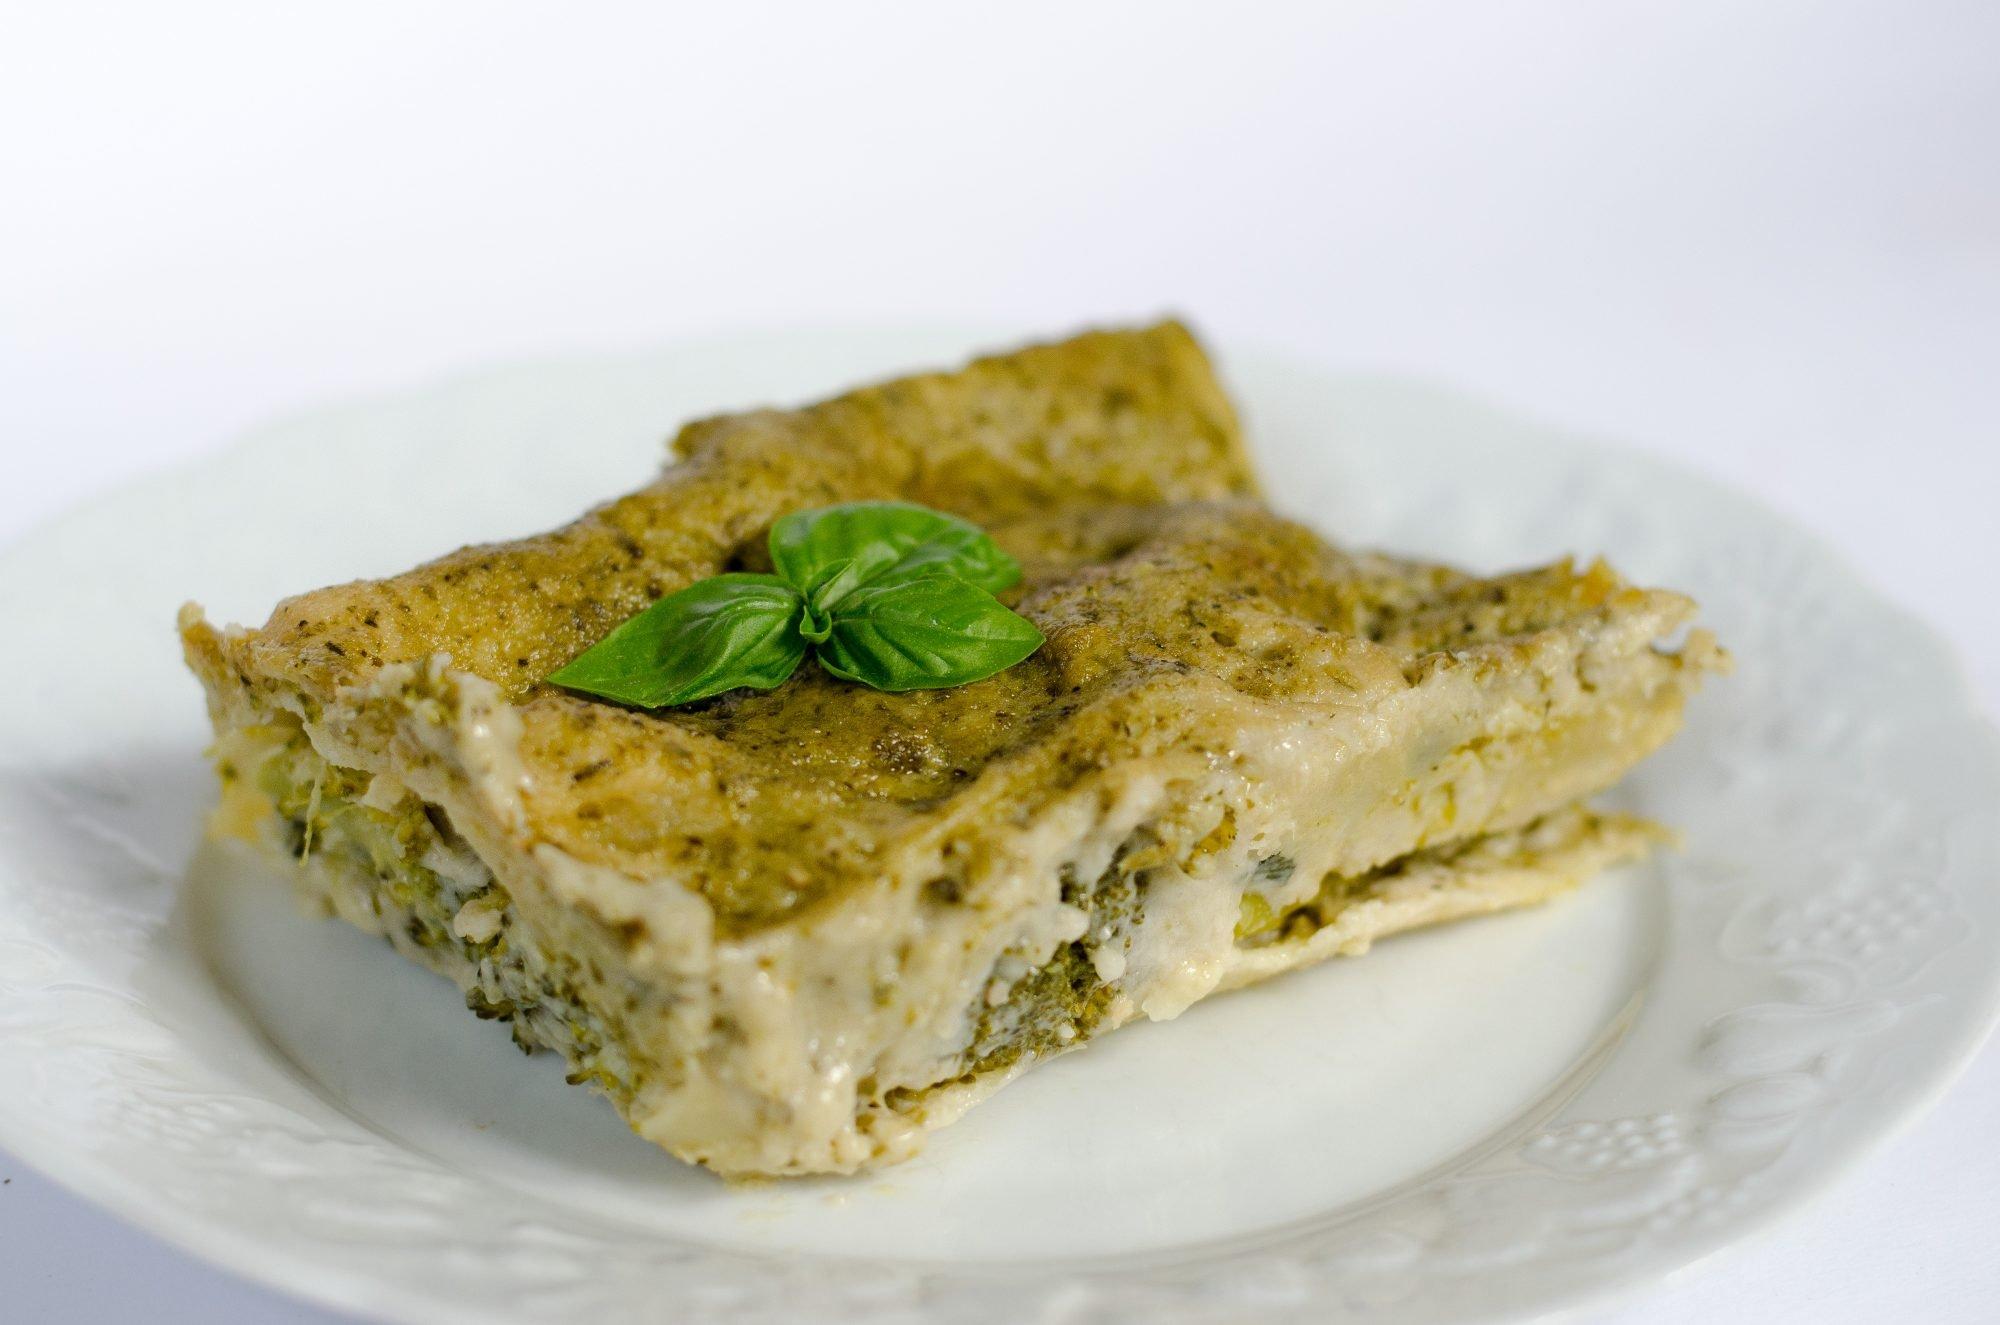 Ricetta Lasagne Vegane.Lasagne Vegan Al Pesto The Vegan Side Of The Moon